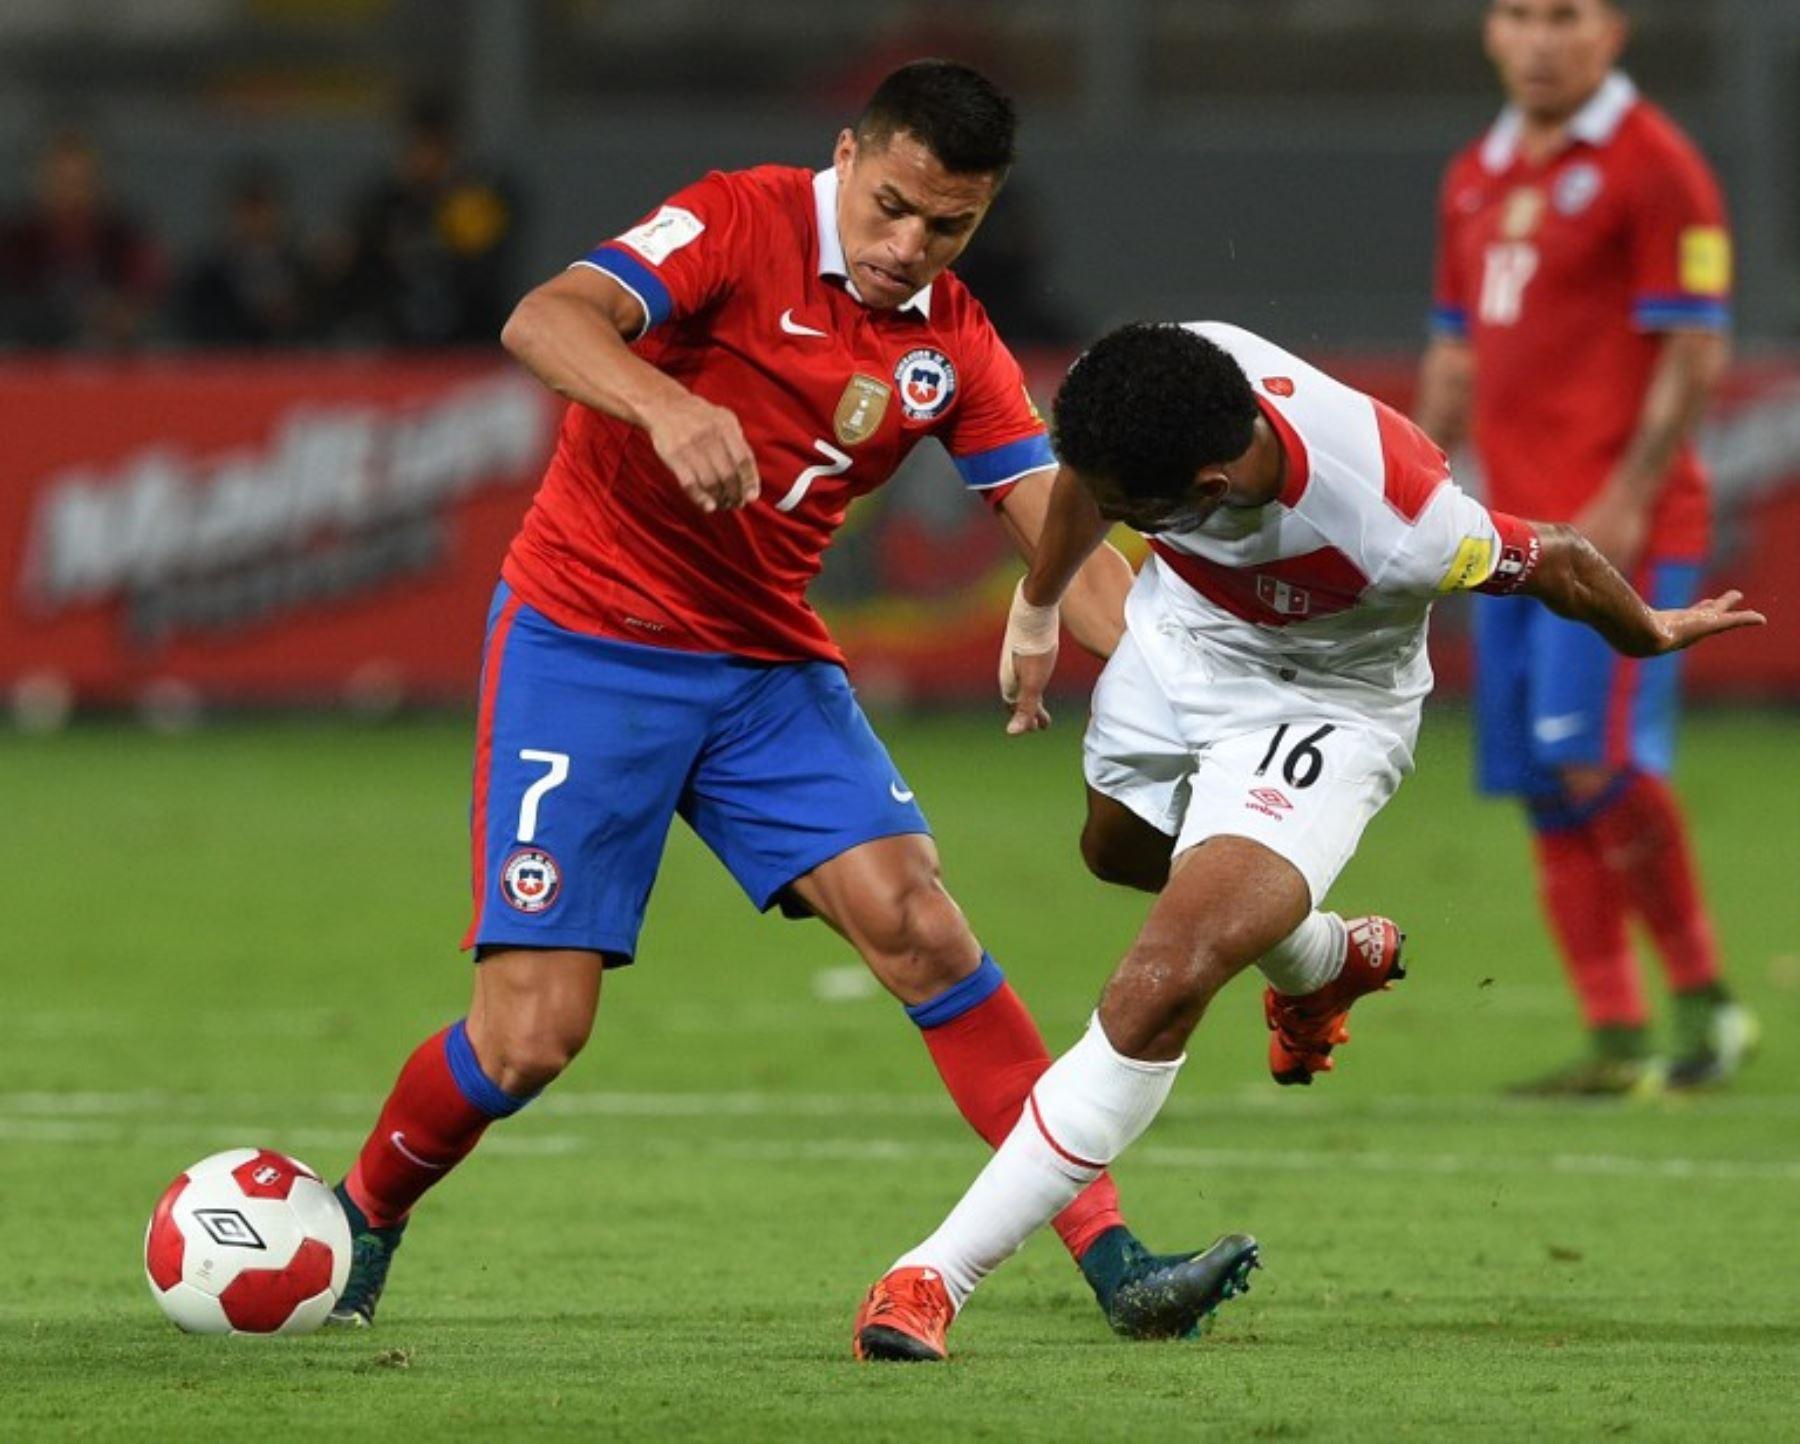 Perú jugando con diez hombre pierde ante los chilenos